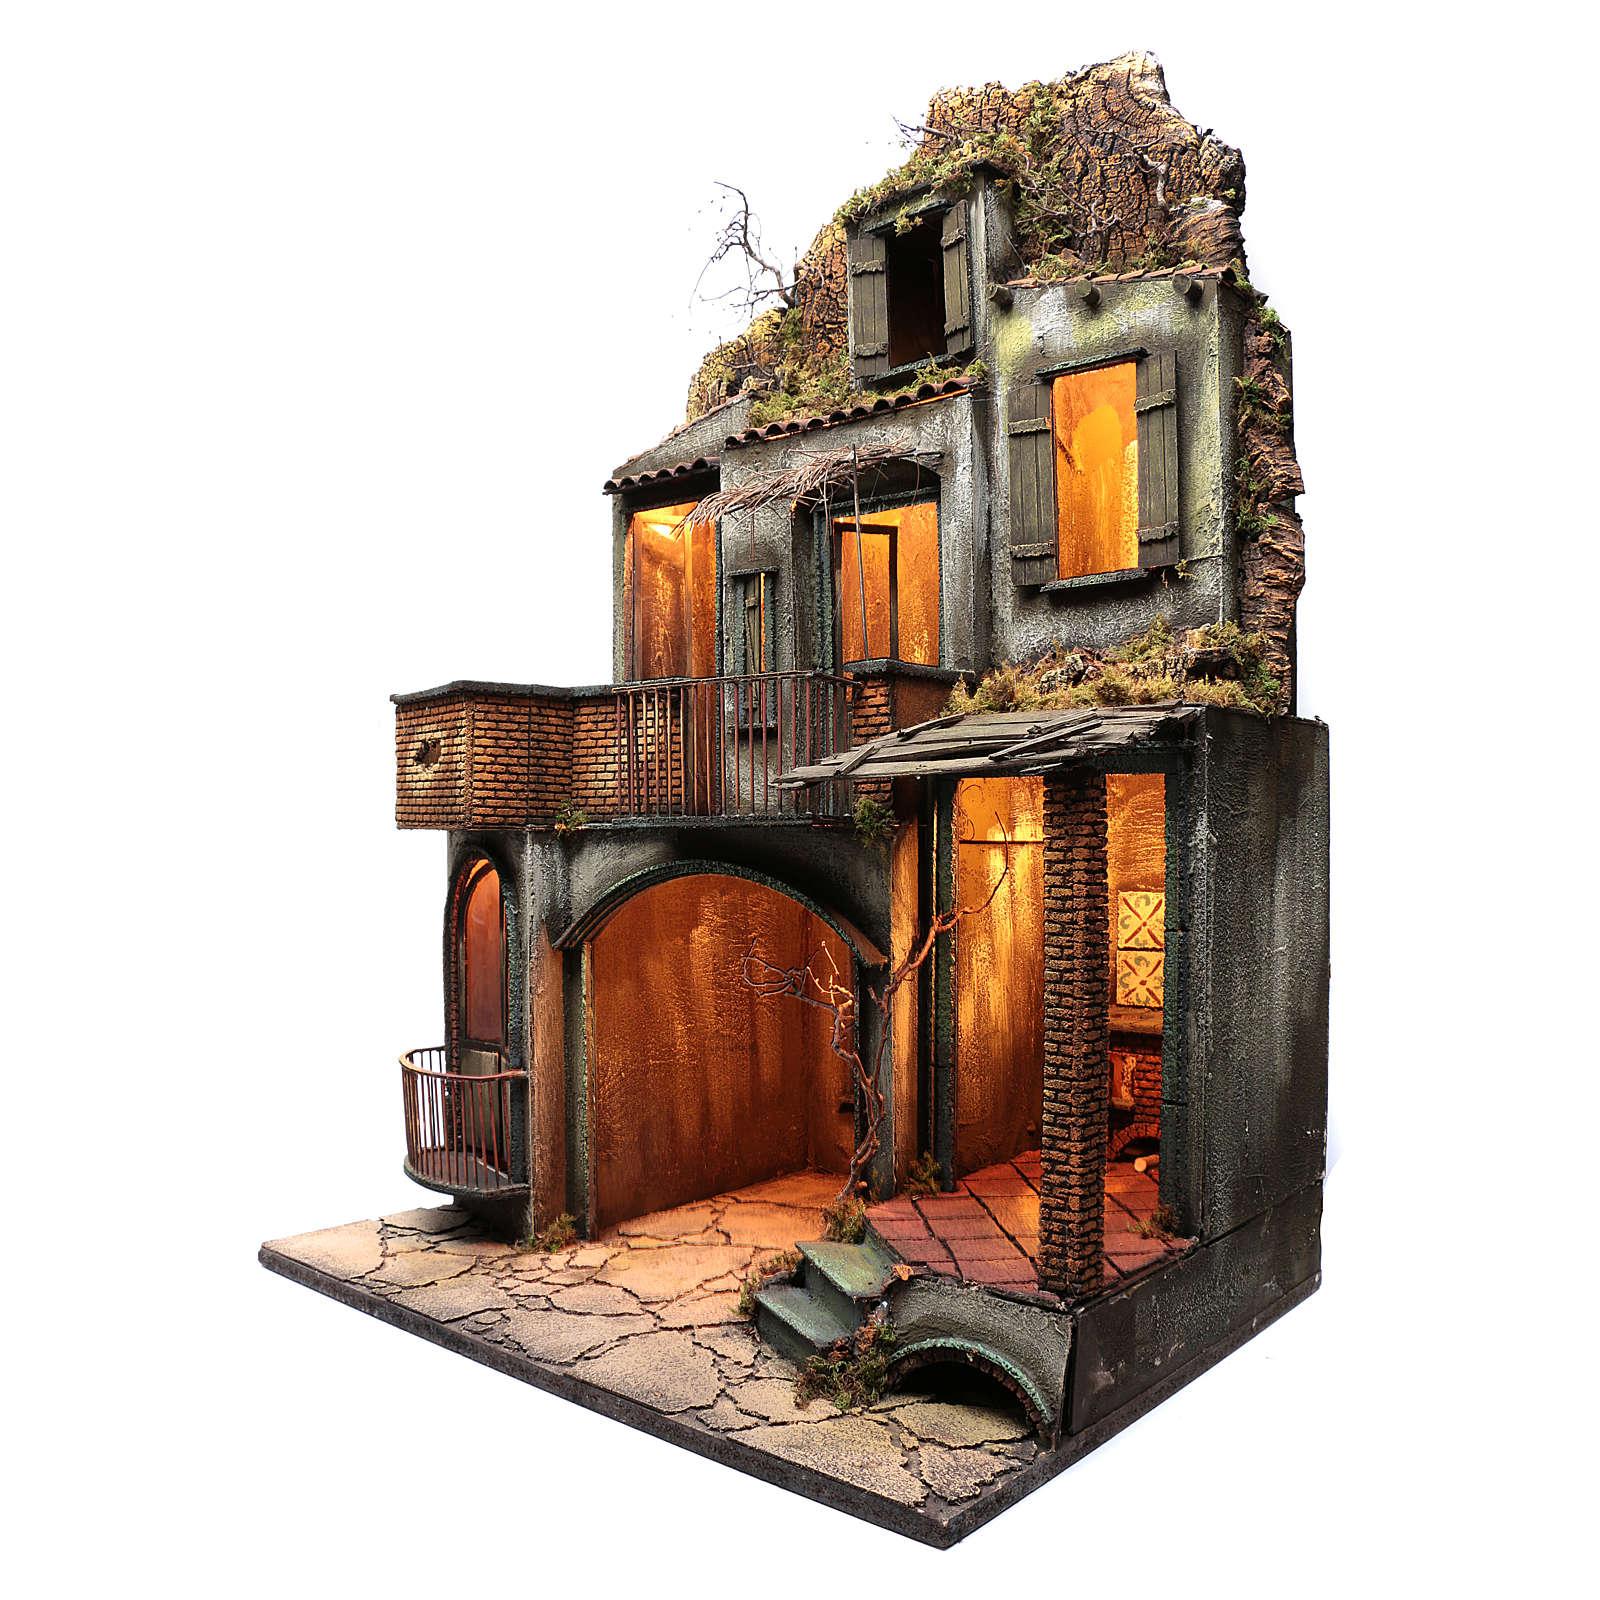 Ambientazione presepe Napoli casa capanna camino 115x80x60 cm luce 4